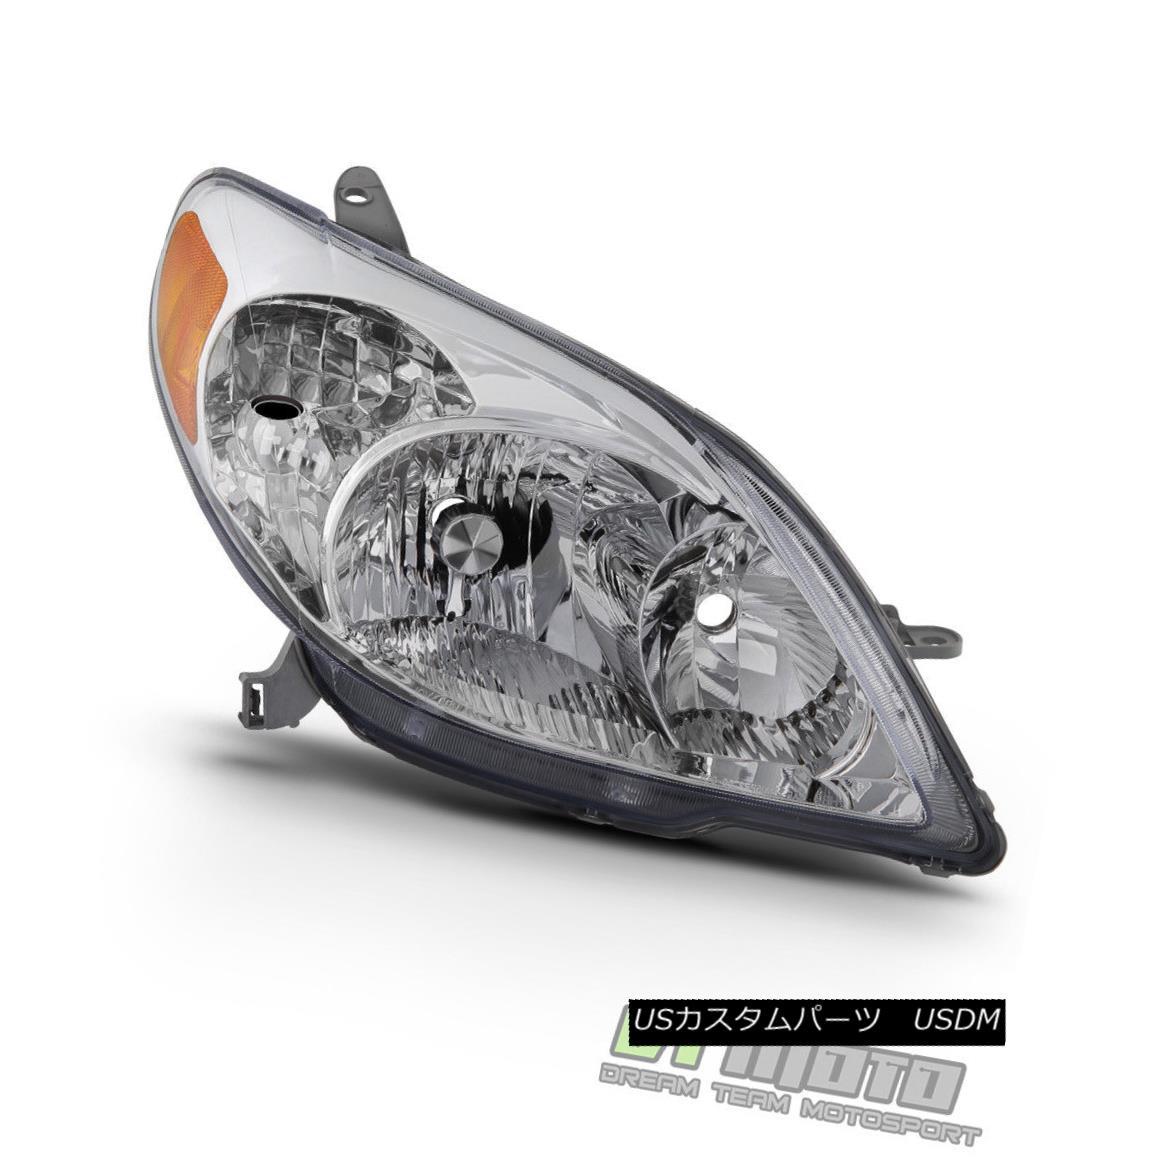 ヘッドライト 2003-2008 Toyota Matrix Headlight Headlamp Aftermarket Lamp 03-08 Passenger Side 2003-2008トヨタマトリックスヘッドライトヘッドランプアフターマーケットランプ03-08乗客側